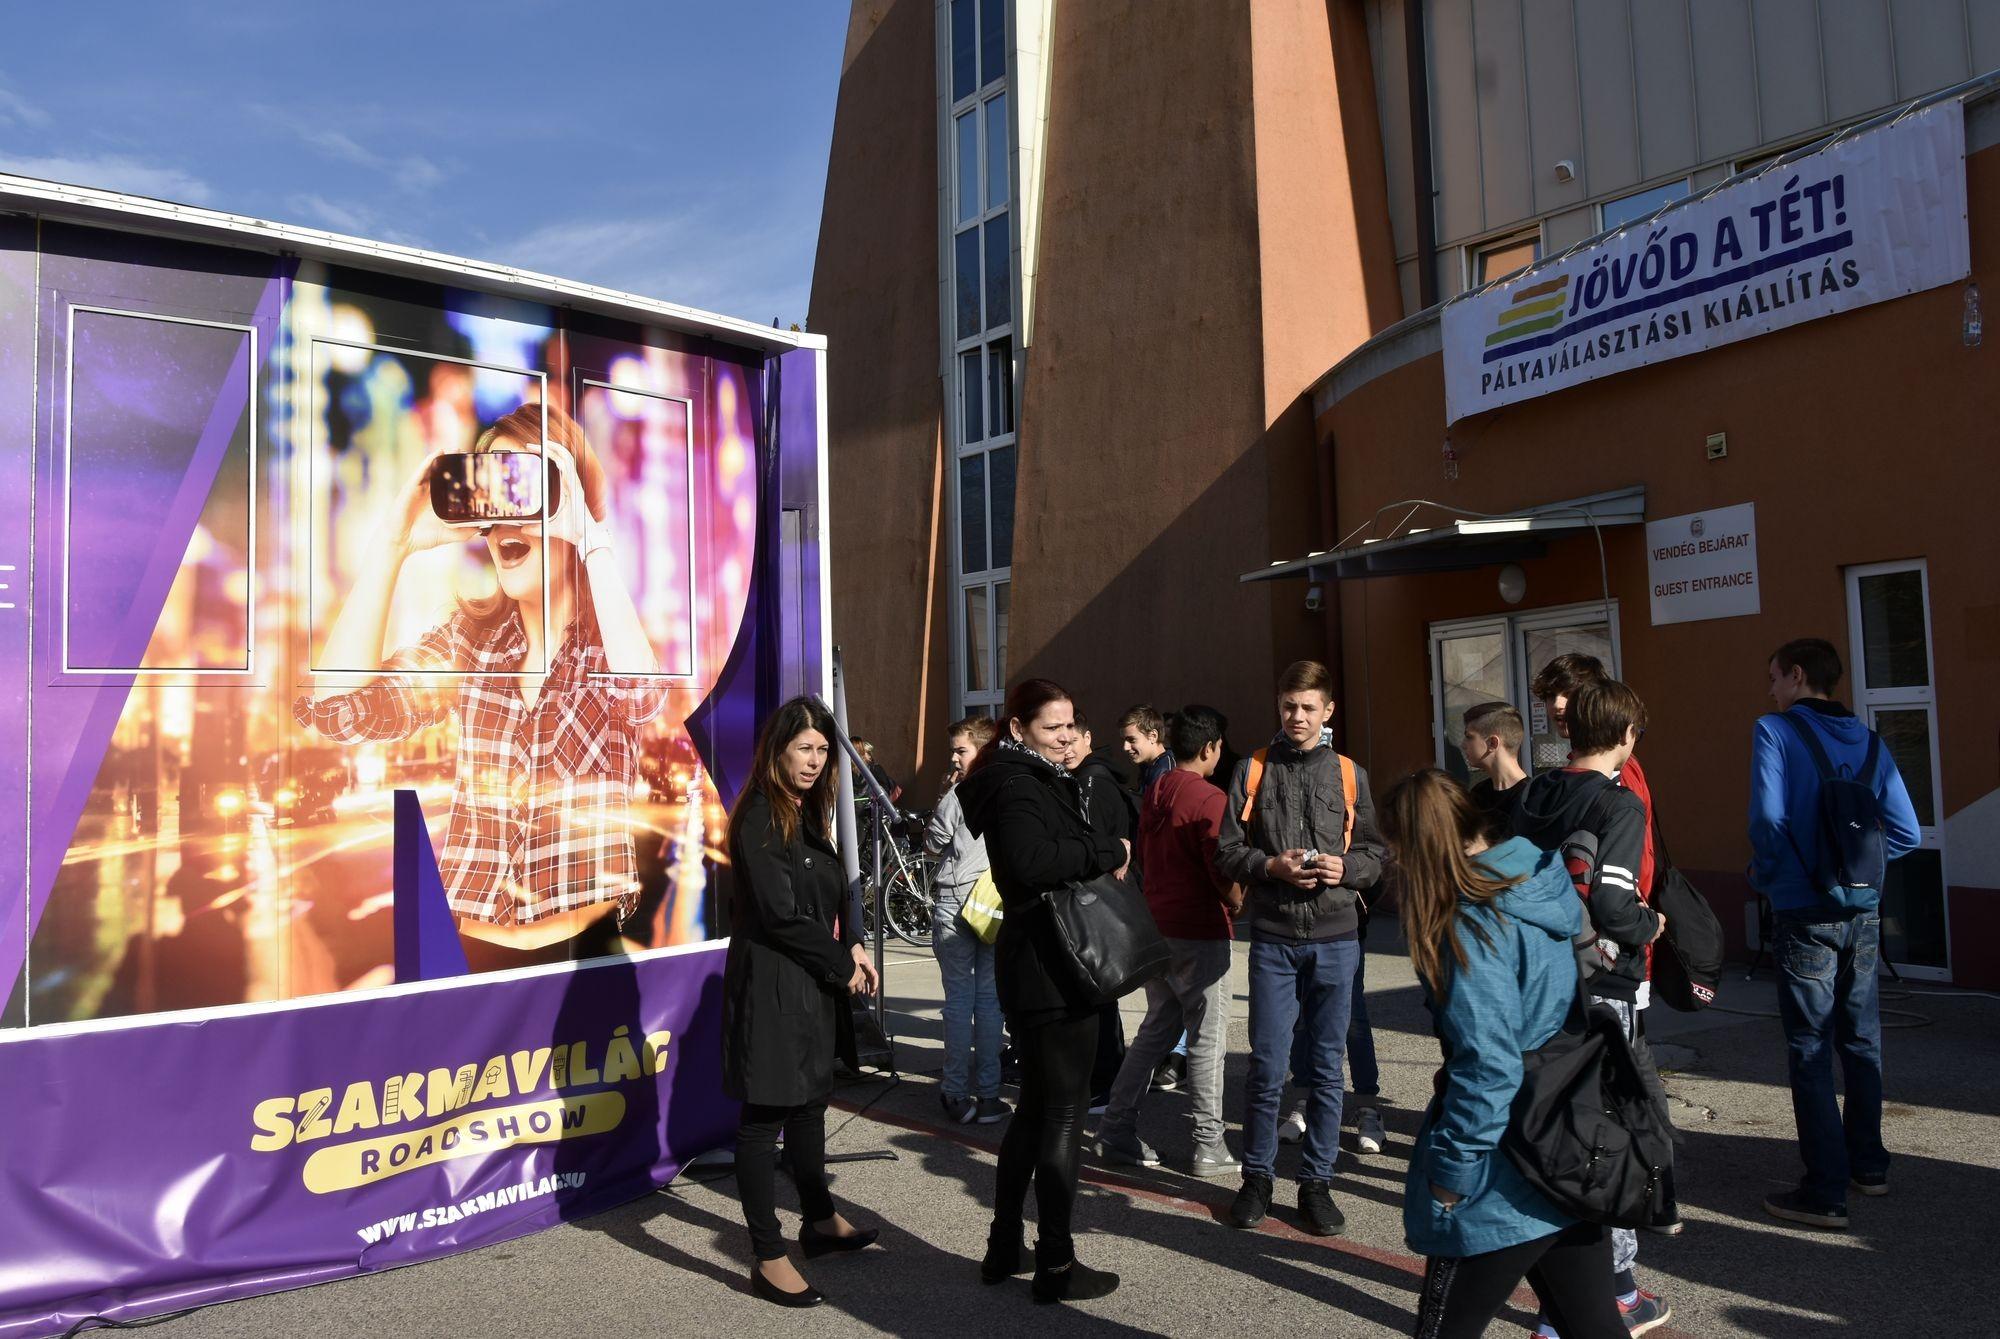 66 kiállító kínál továbbtanulási lehetőséget több száz diáknak